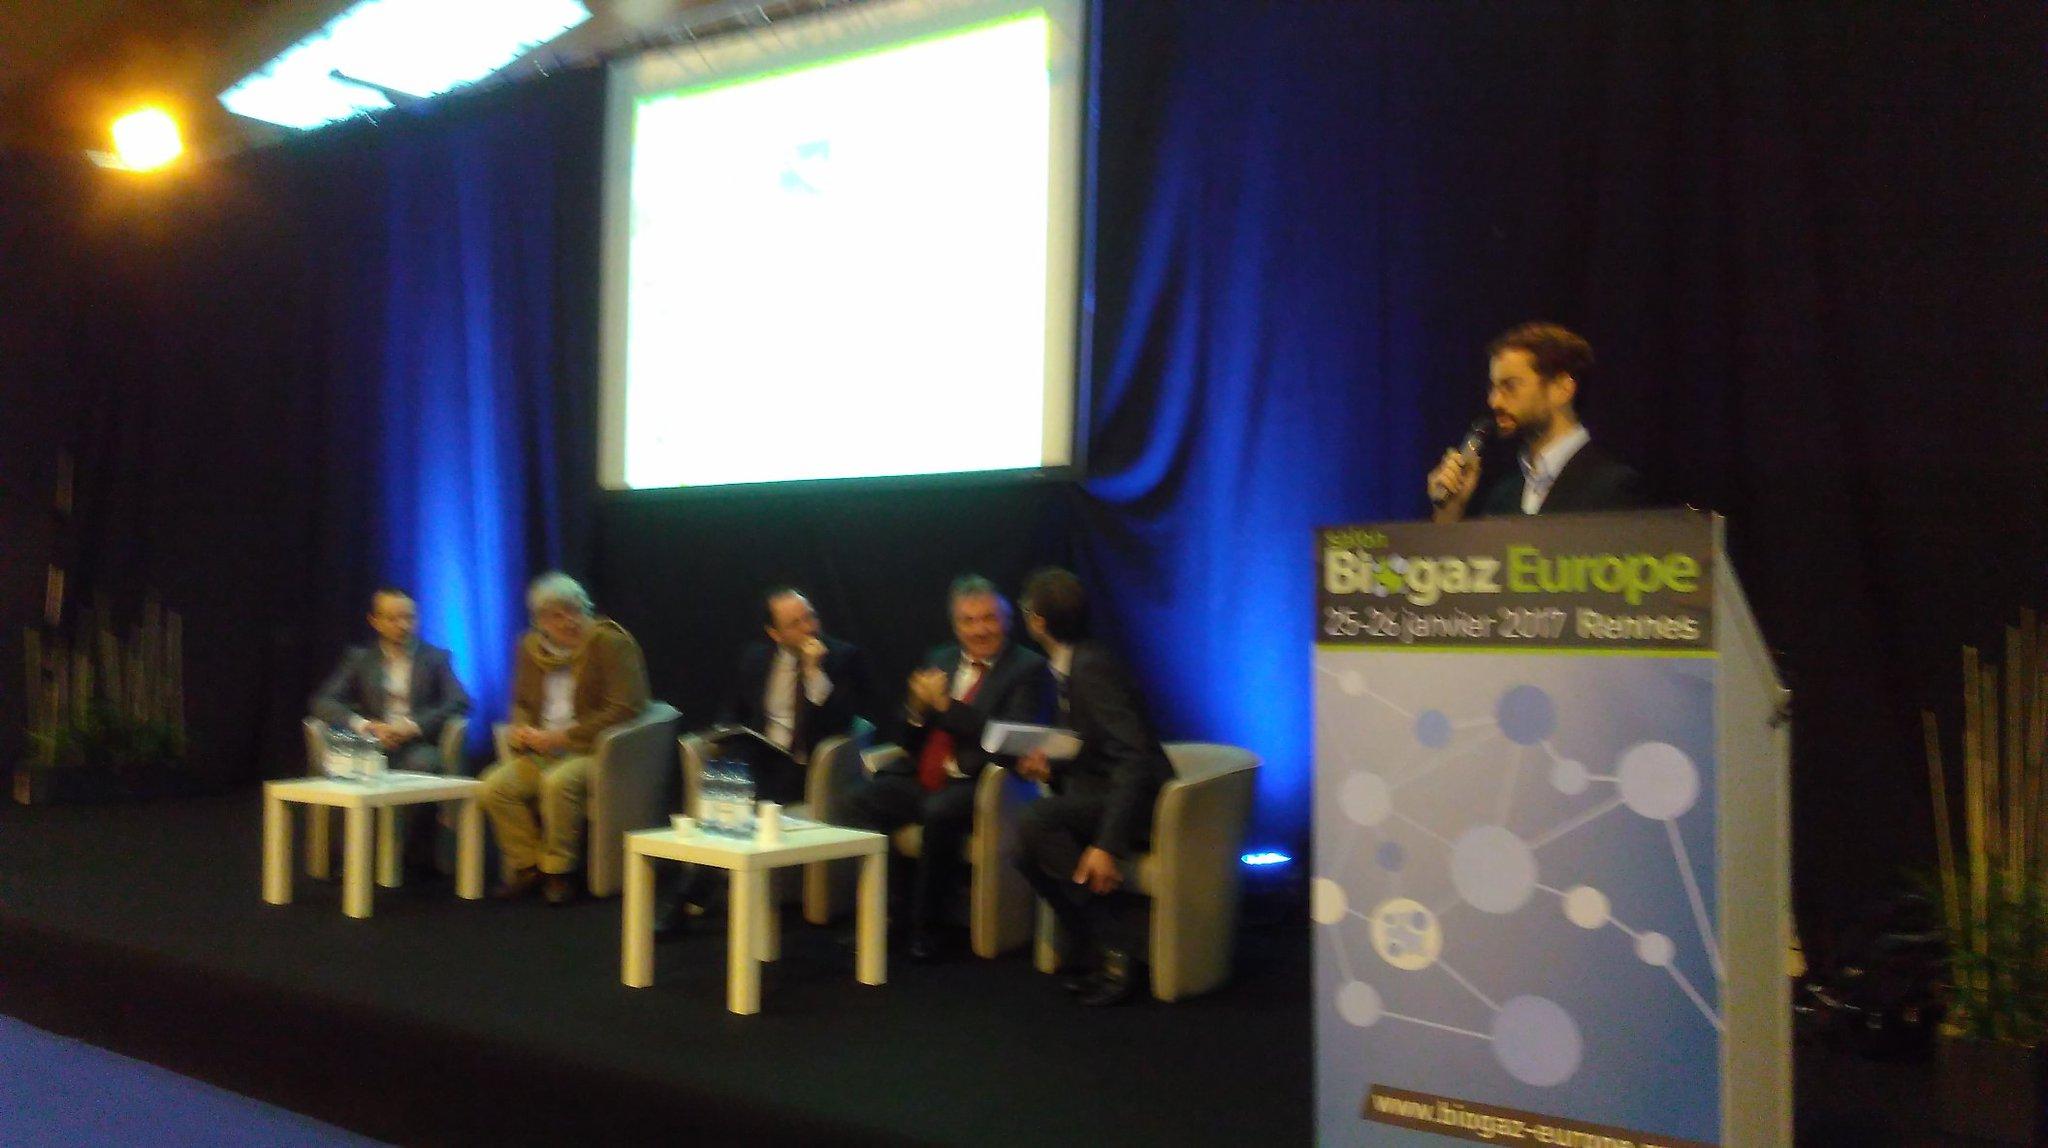 Inauguration de l'édition 2017 de @BiogazEurope avec nos partenaires @ademe @regionbretagne @paysdelaloire https://t.co/Rn6e75t7Qy